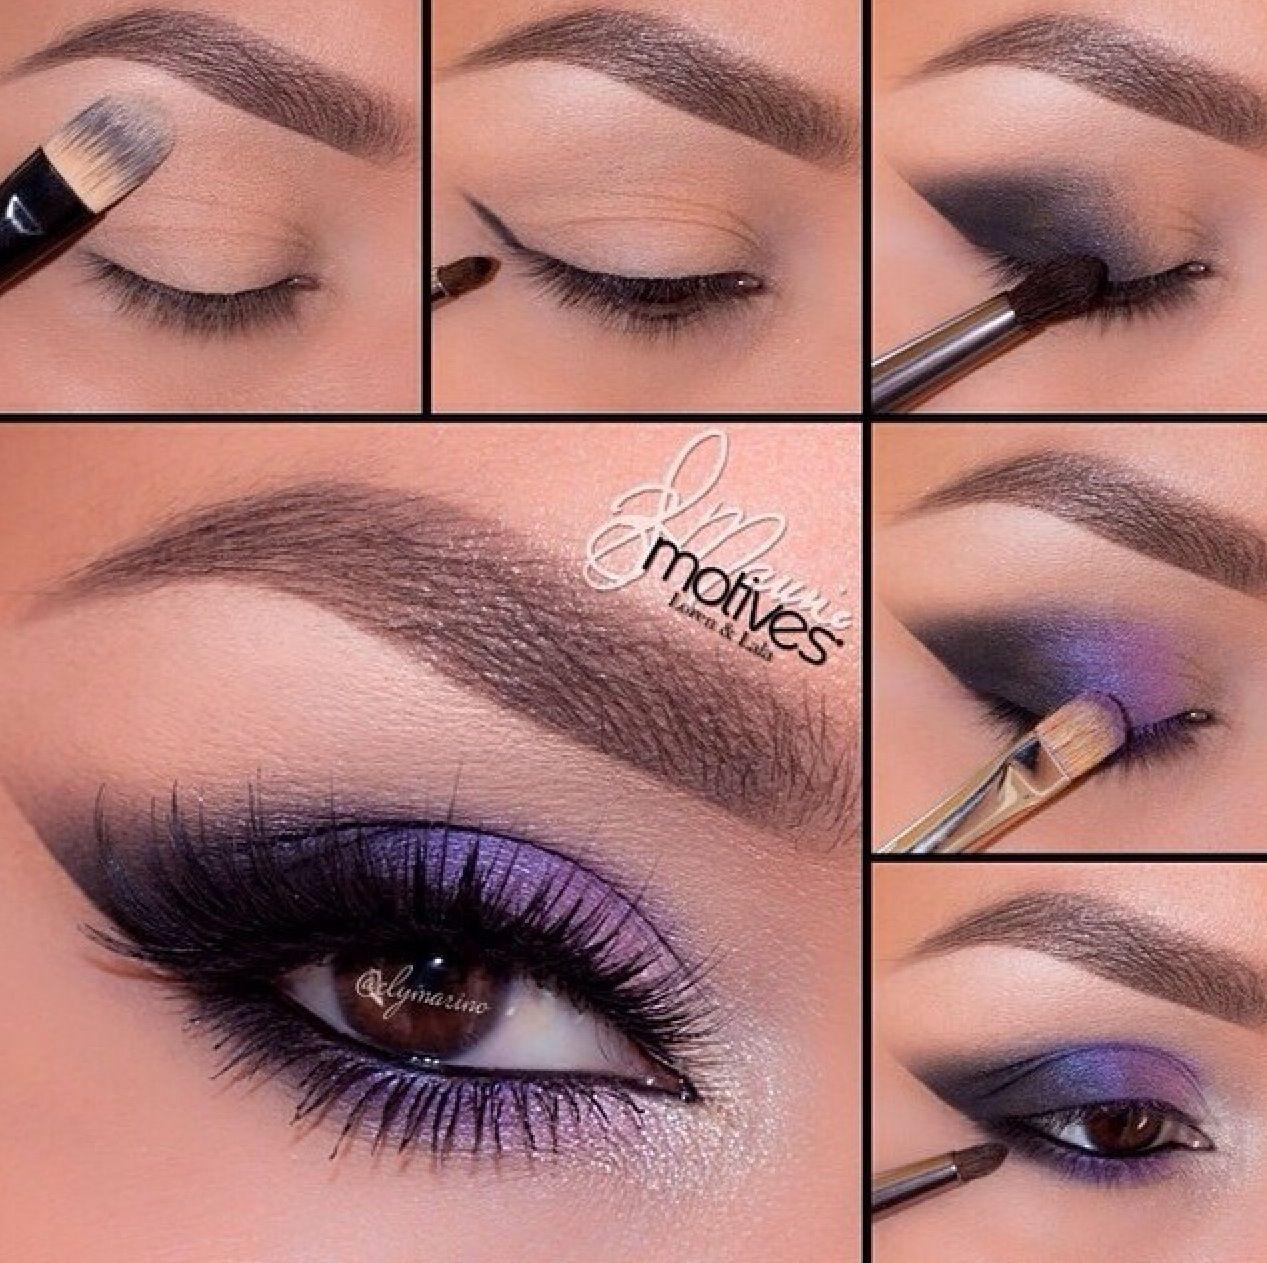 Pin von Mariette Zabeau auf Make-up | Pinterest | Perfekt schminken ...